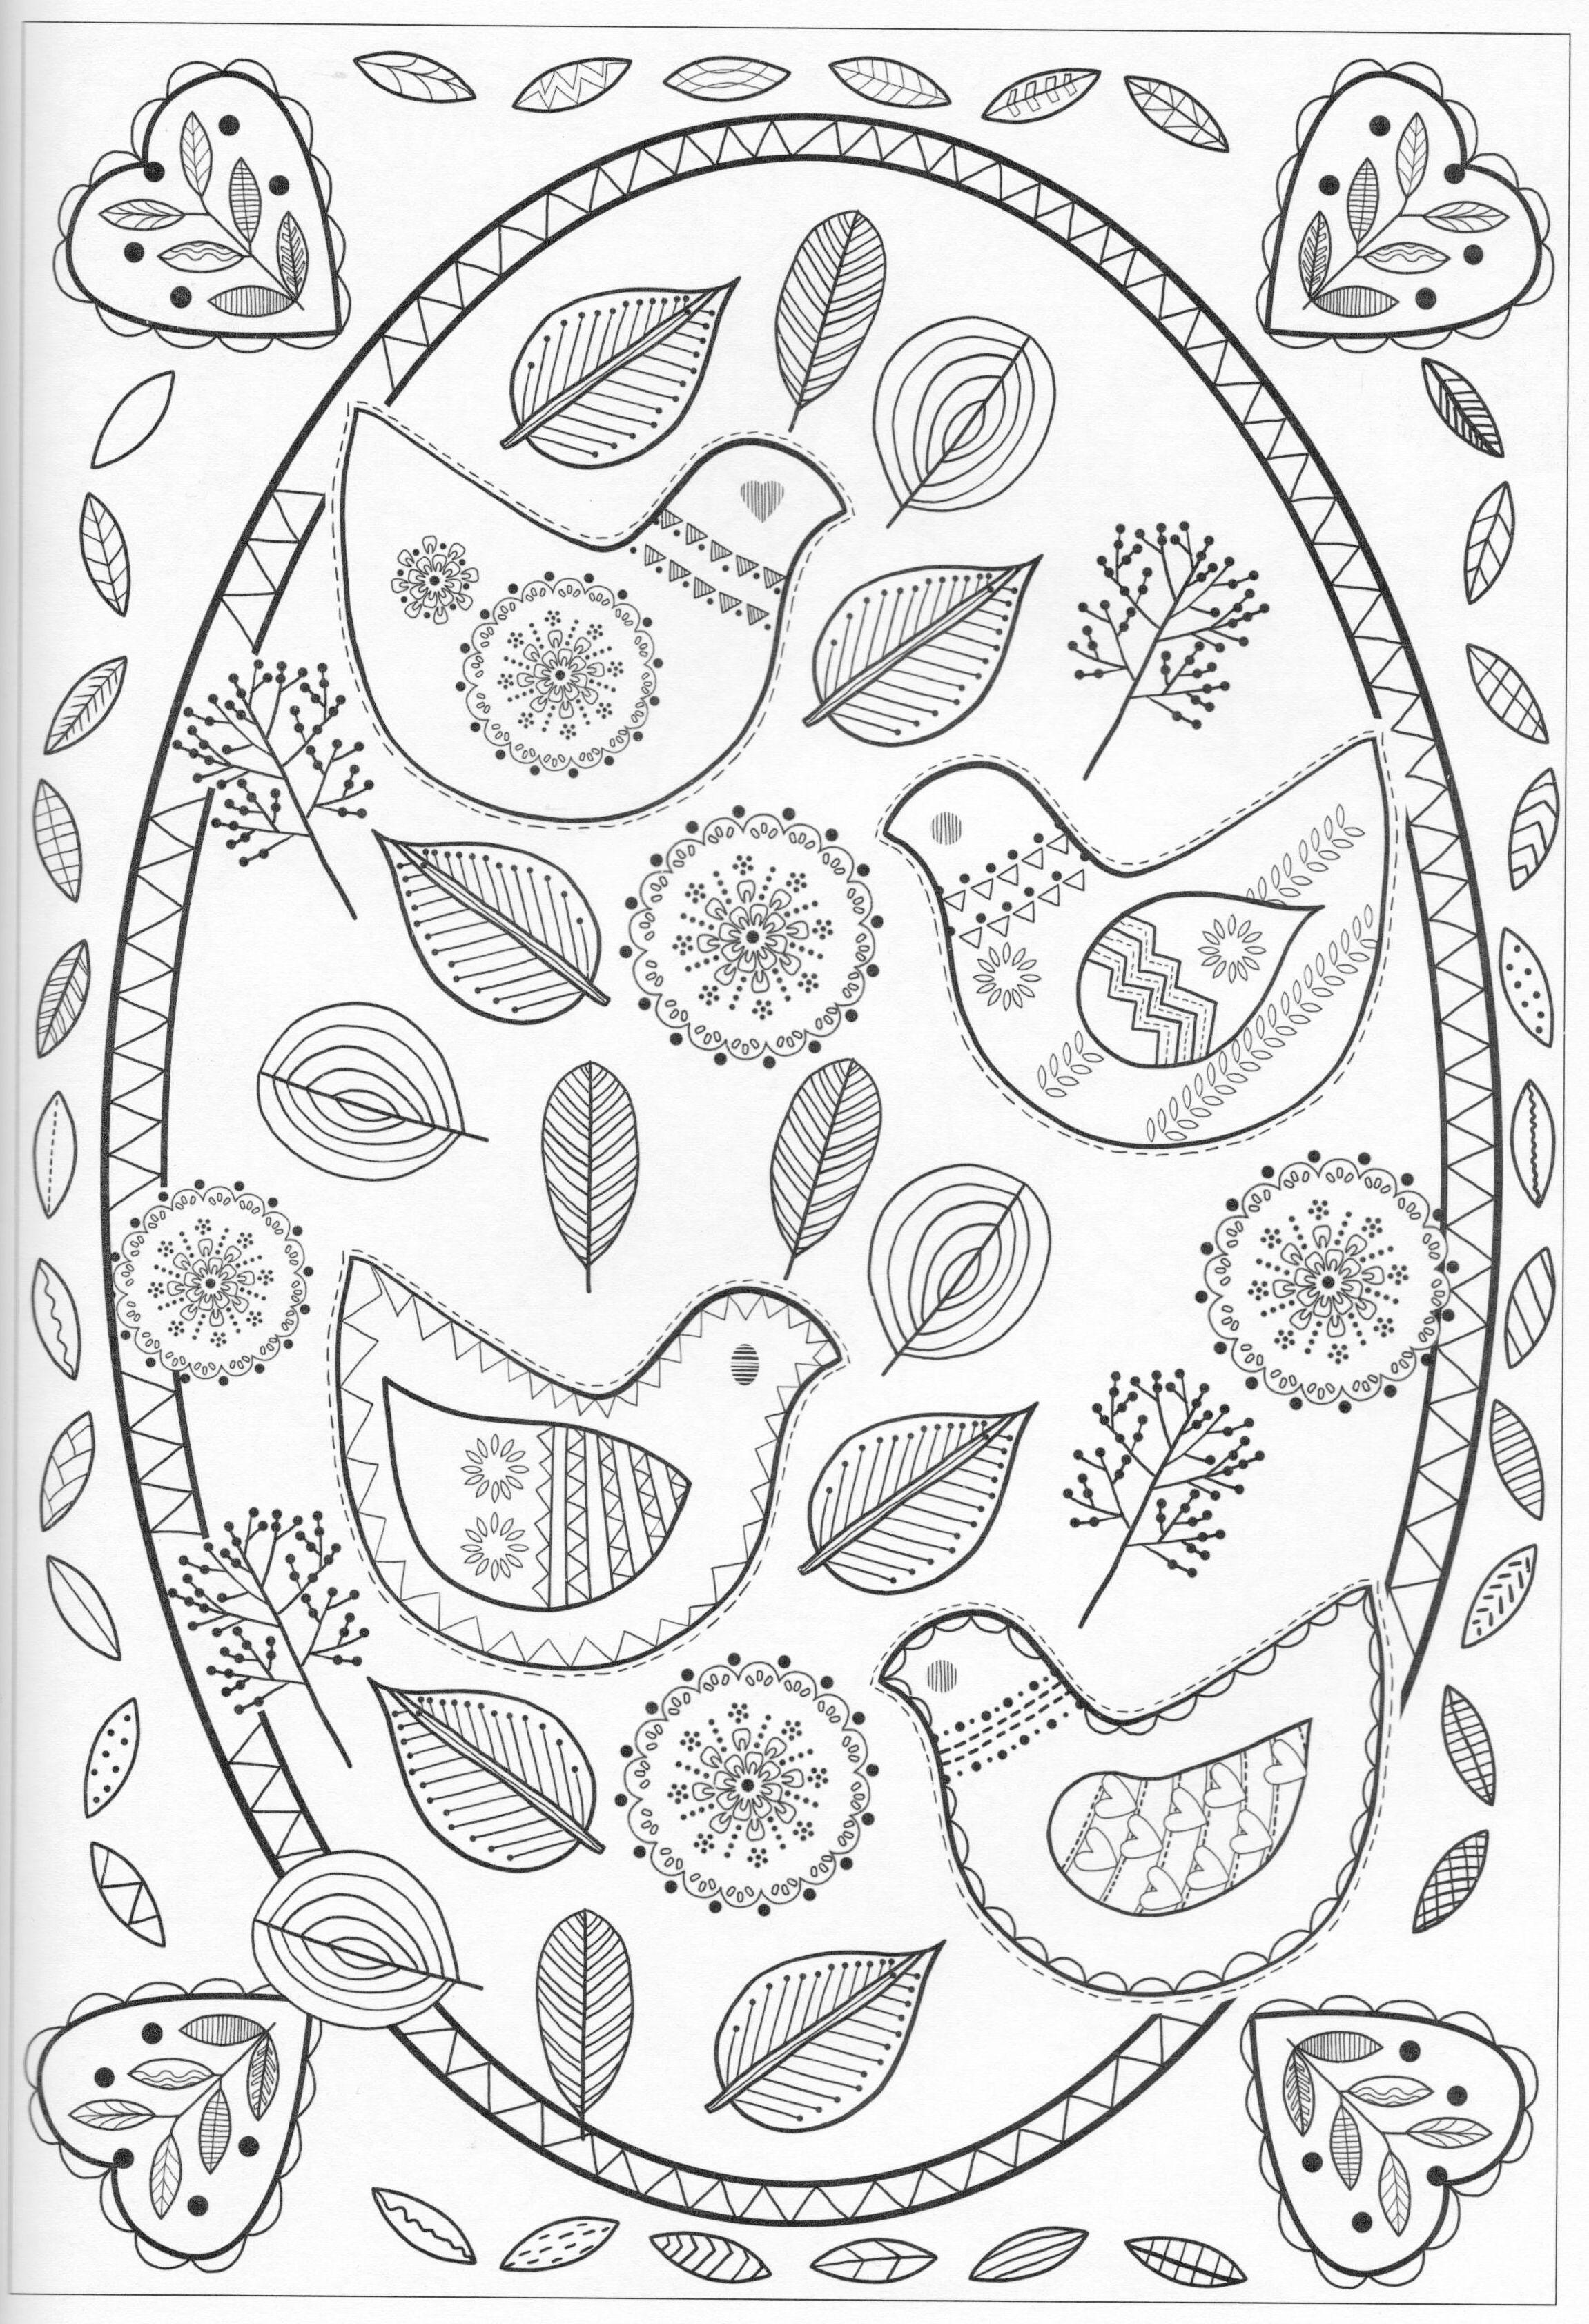 Malvorlagen Einhorn Frisch Scandinavian ✪ ᗰaℓσℓσ ✪ ℓaiai ✪ D0dg Bild